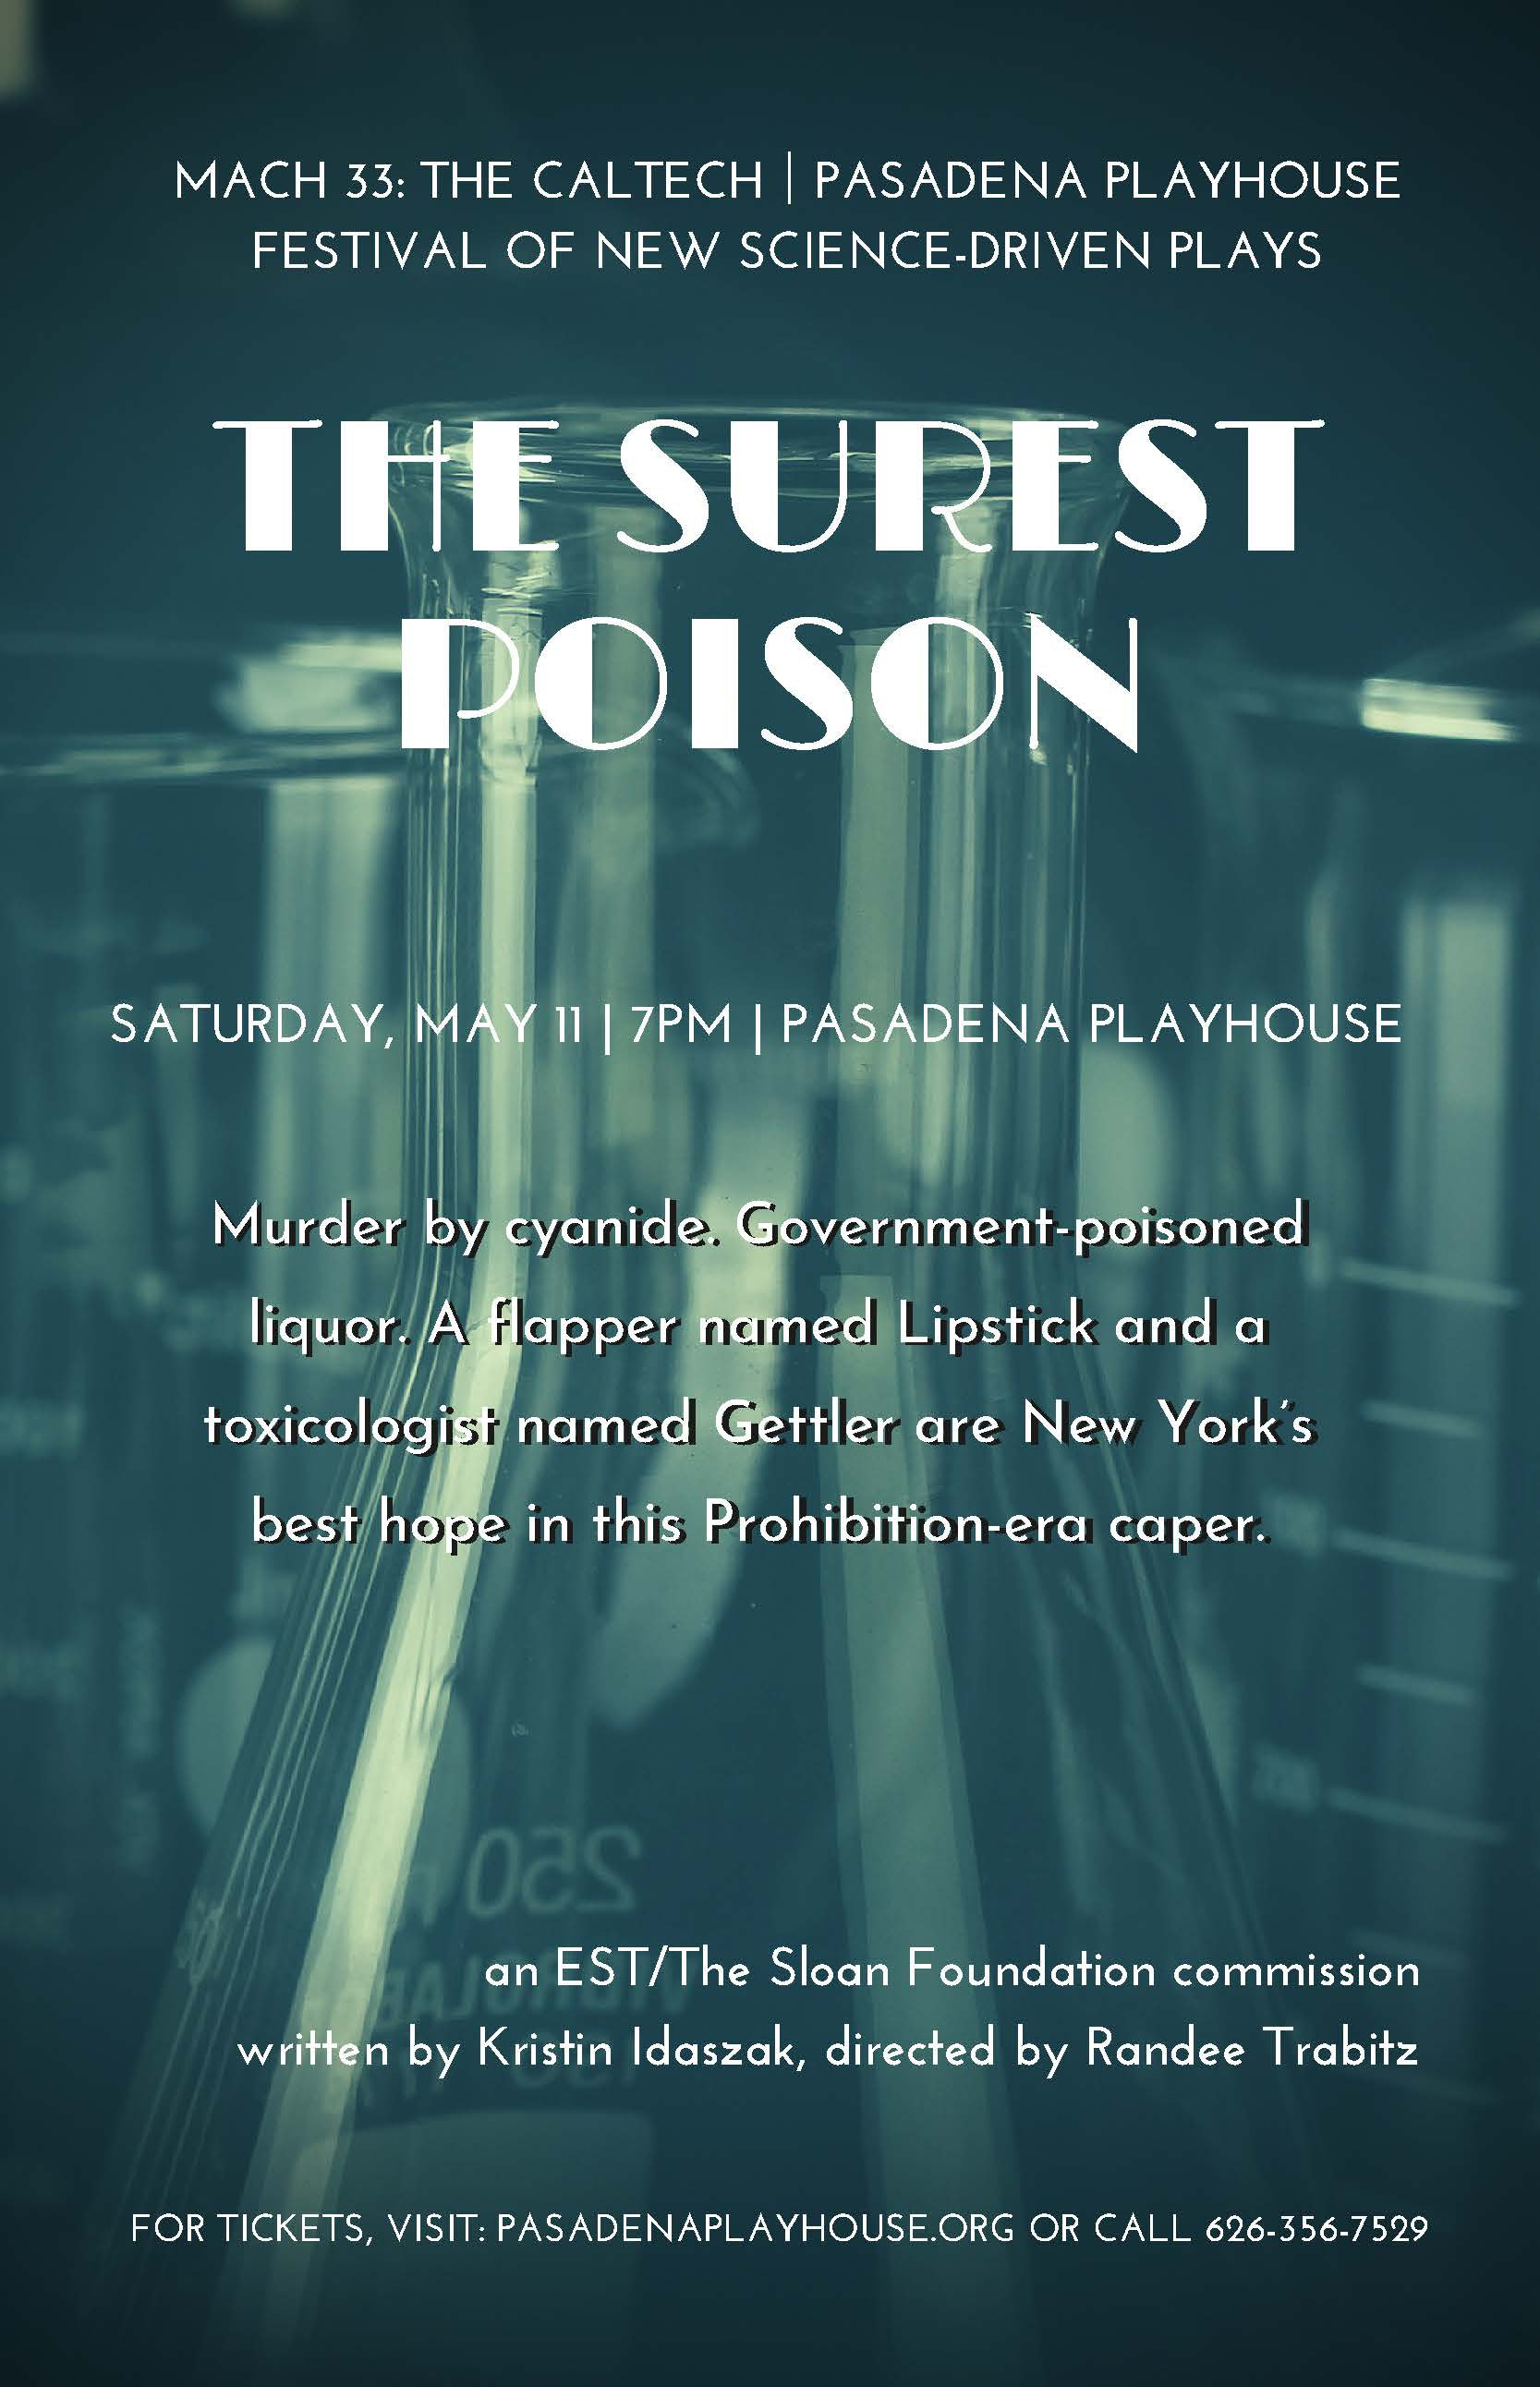 The Surest Poison